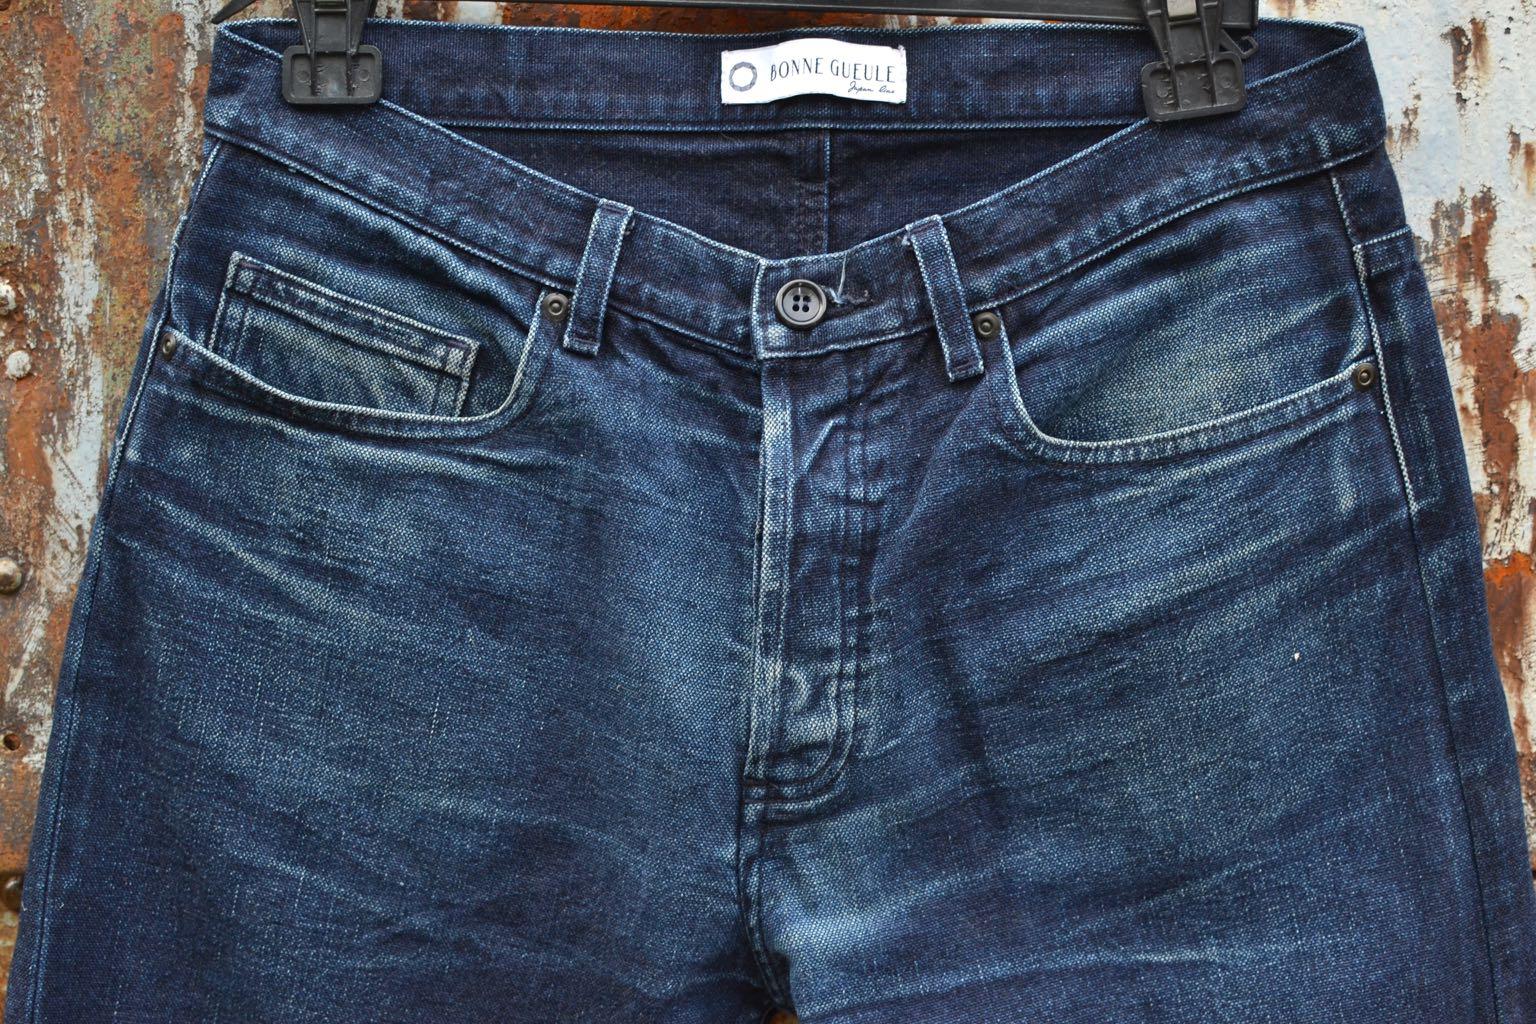 conseil délavage jean pantalon toile canevas bonnegueule en indigo